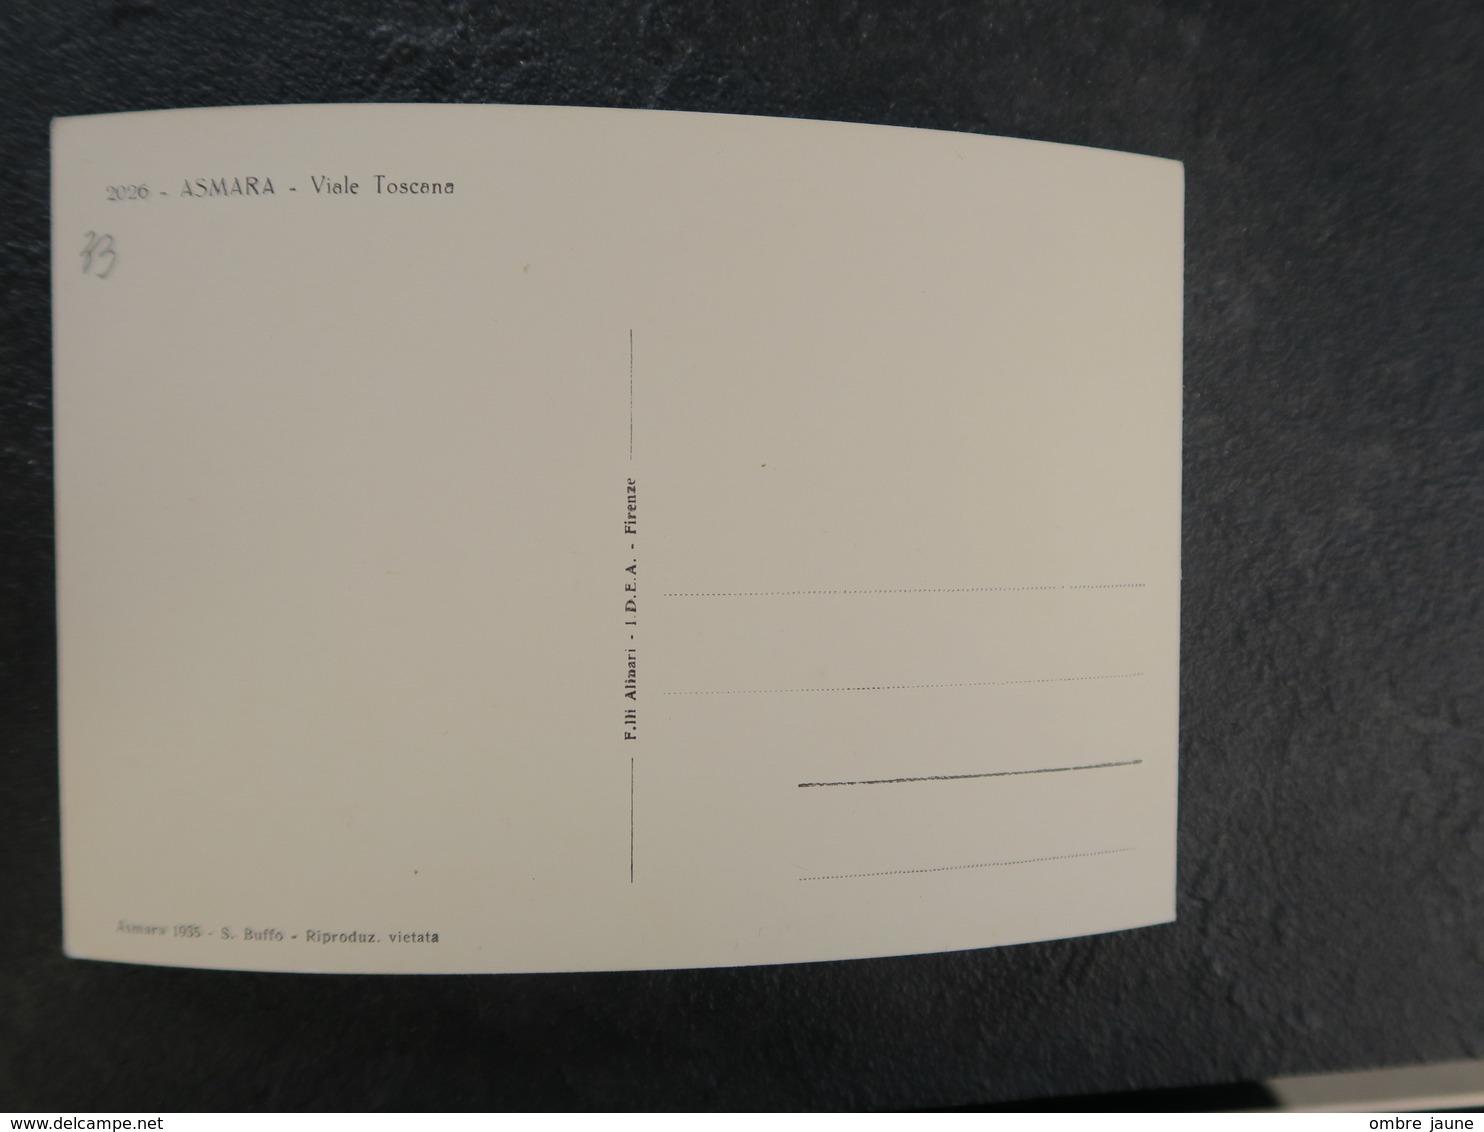 IT  - ERYTHREE - ERITREA - ASMARA - VIALE TOSCANA - Eritrea